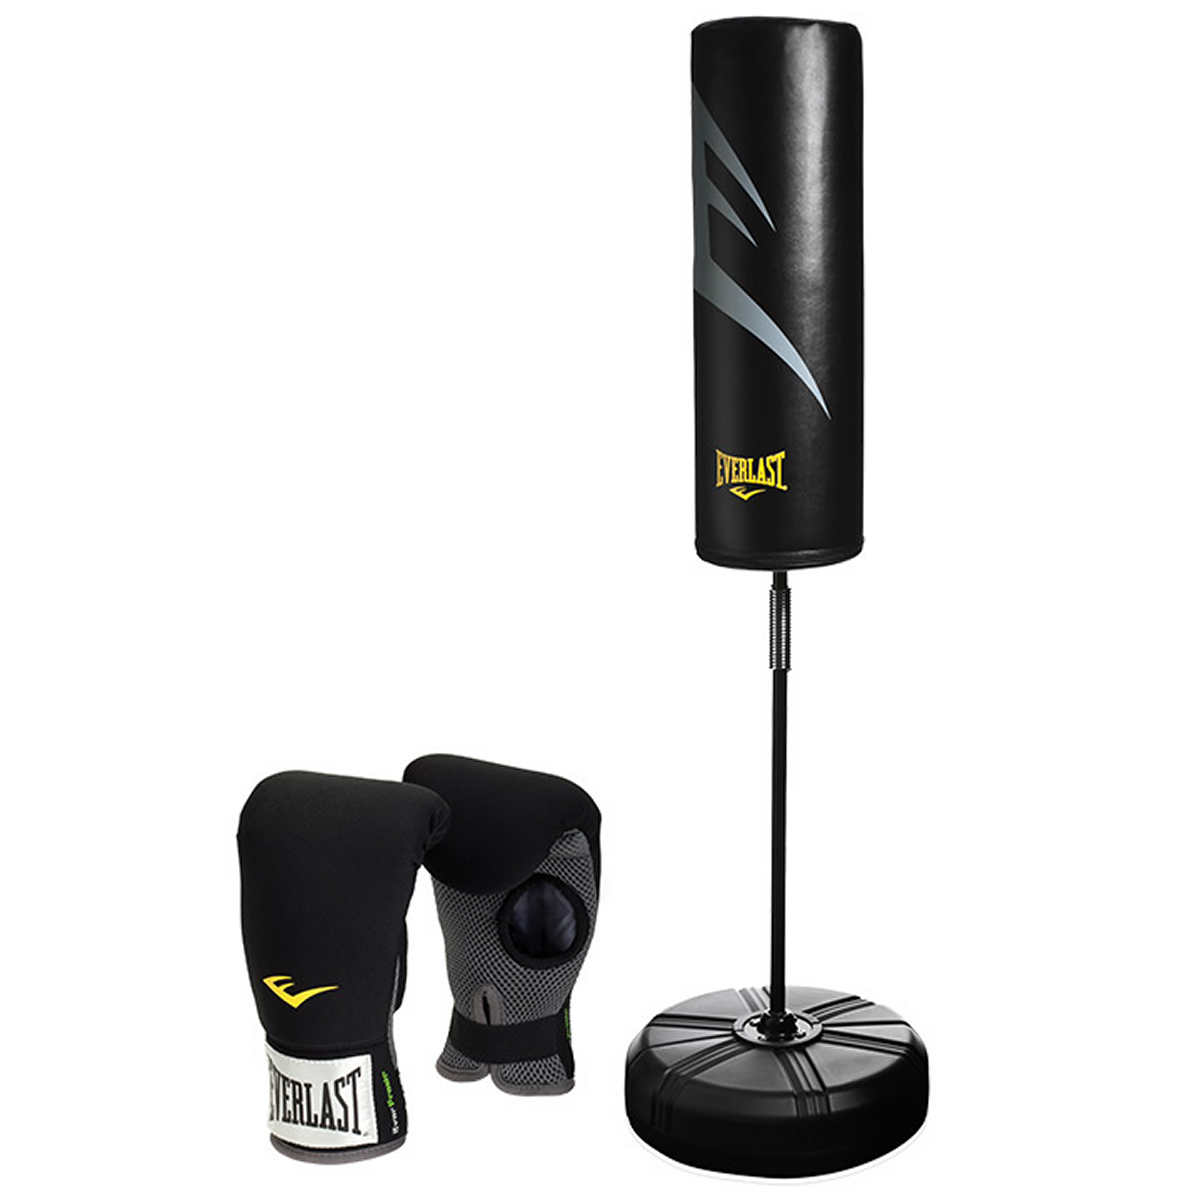 80843390540d Everlast Kit  Cardio Fitness Training Bag and Neoprene Gloves